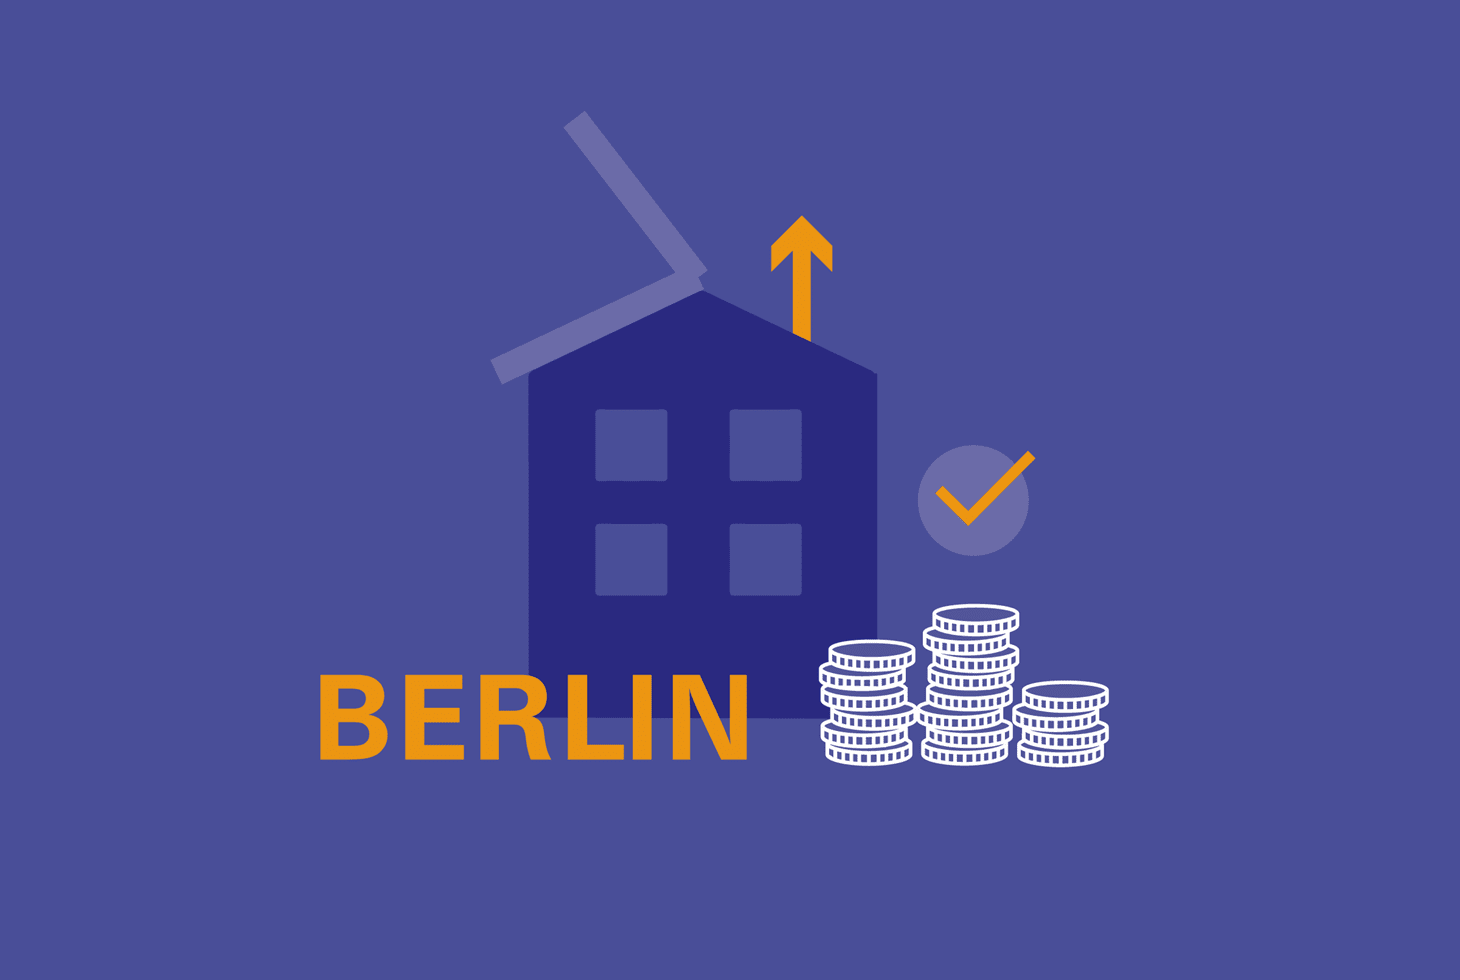 Berlin entdeckelt*